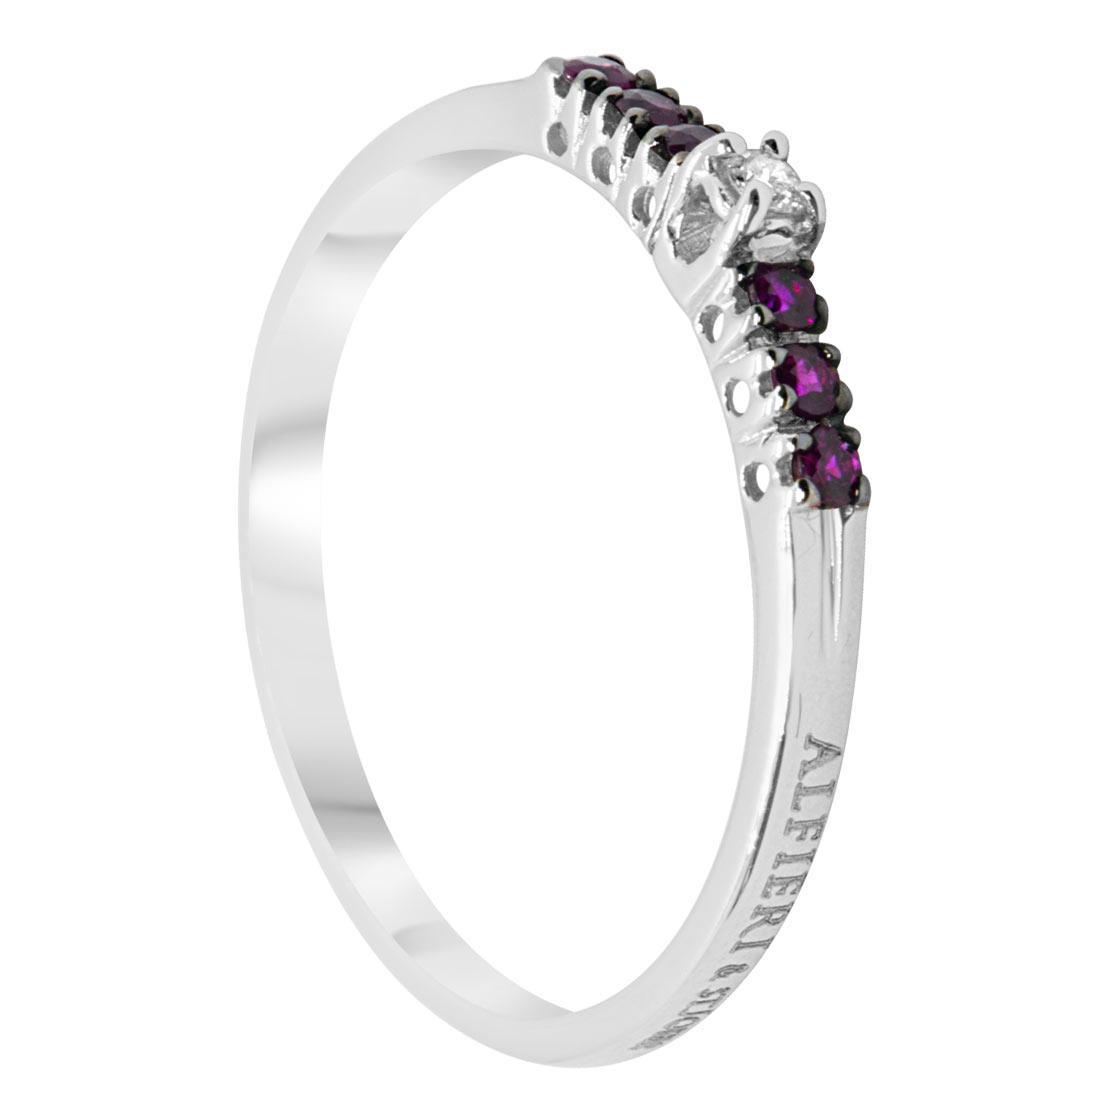 Anello veretta con diamanti e rubini mis 13 - ALFIERI ST JOHN